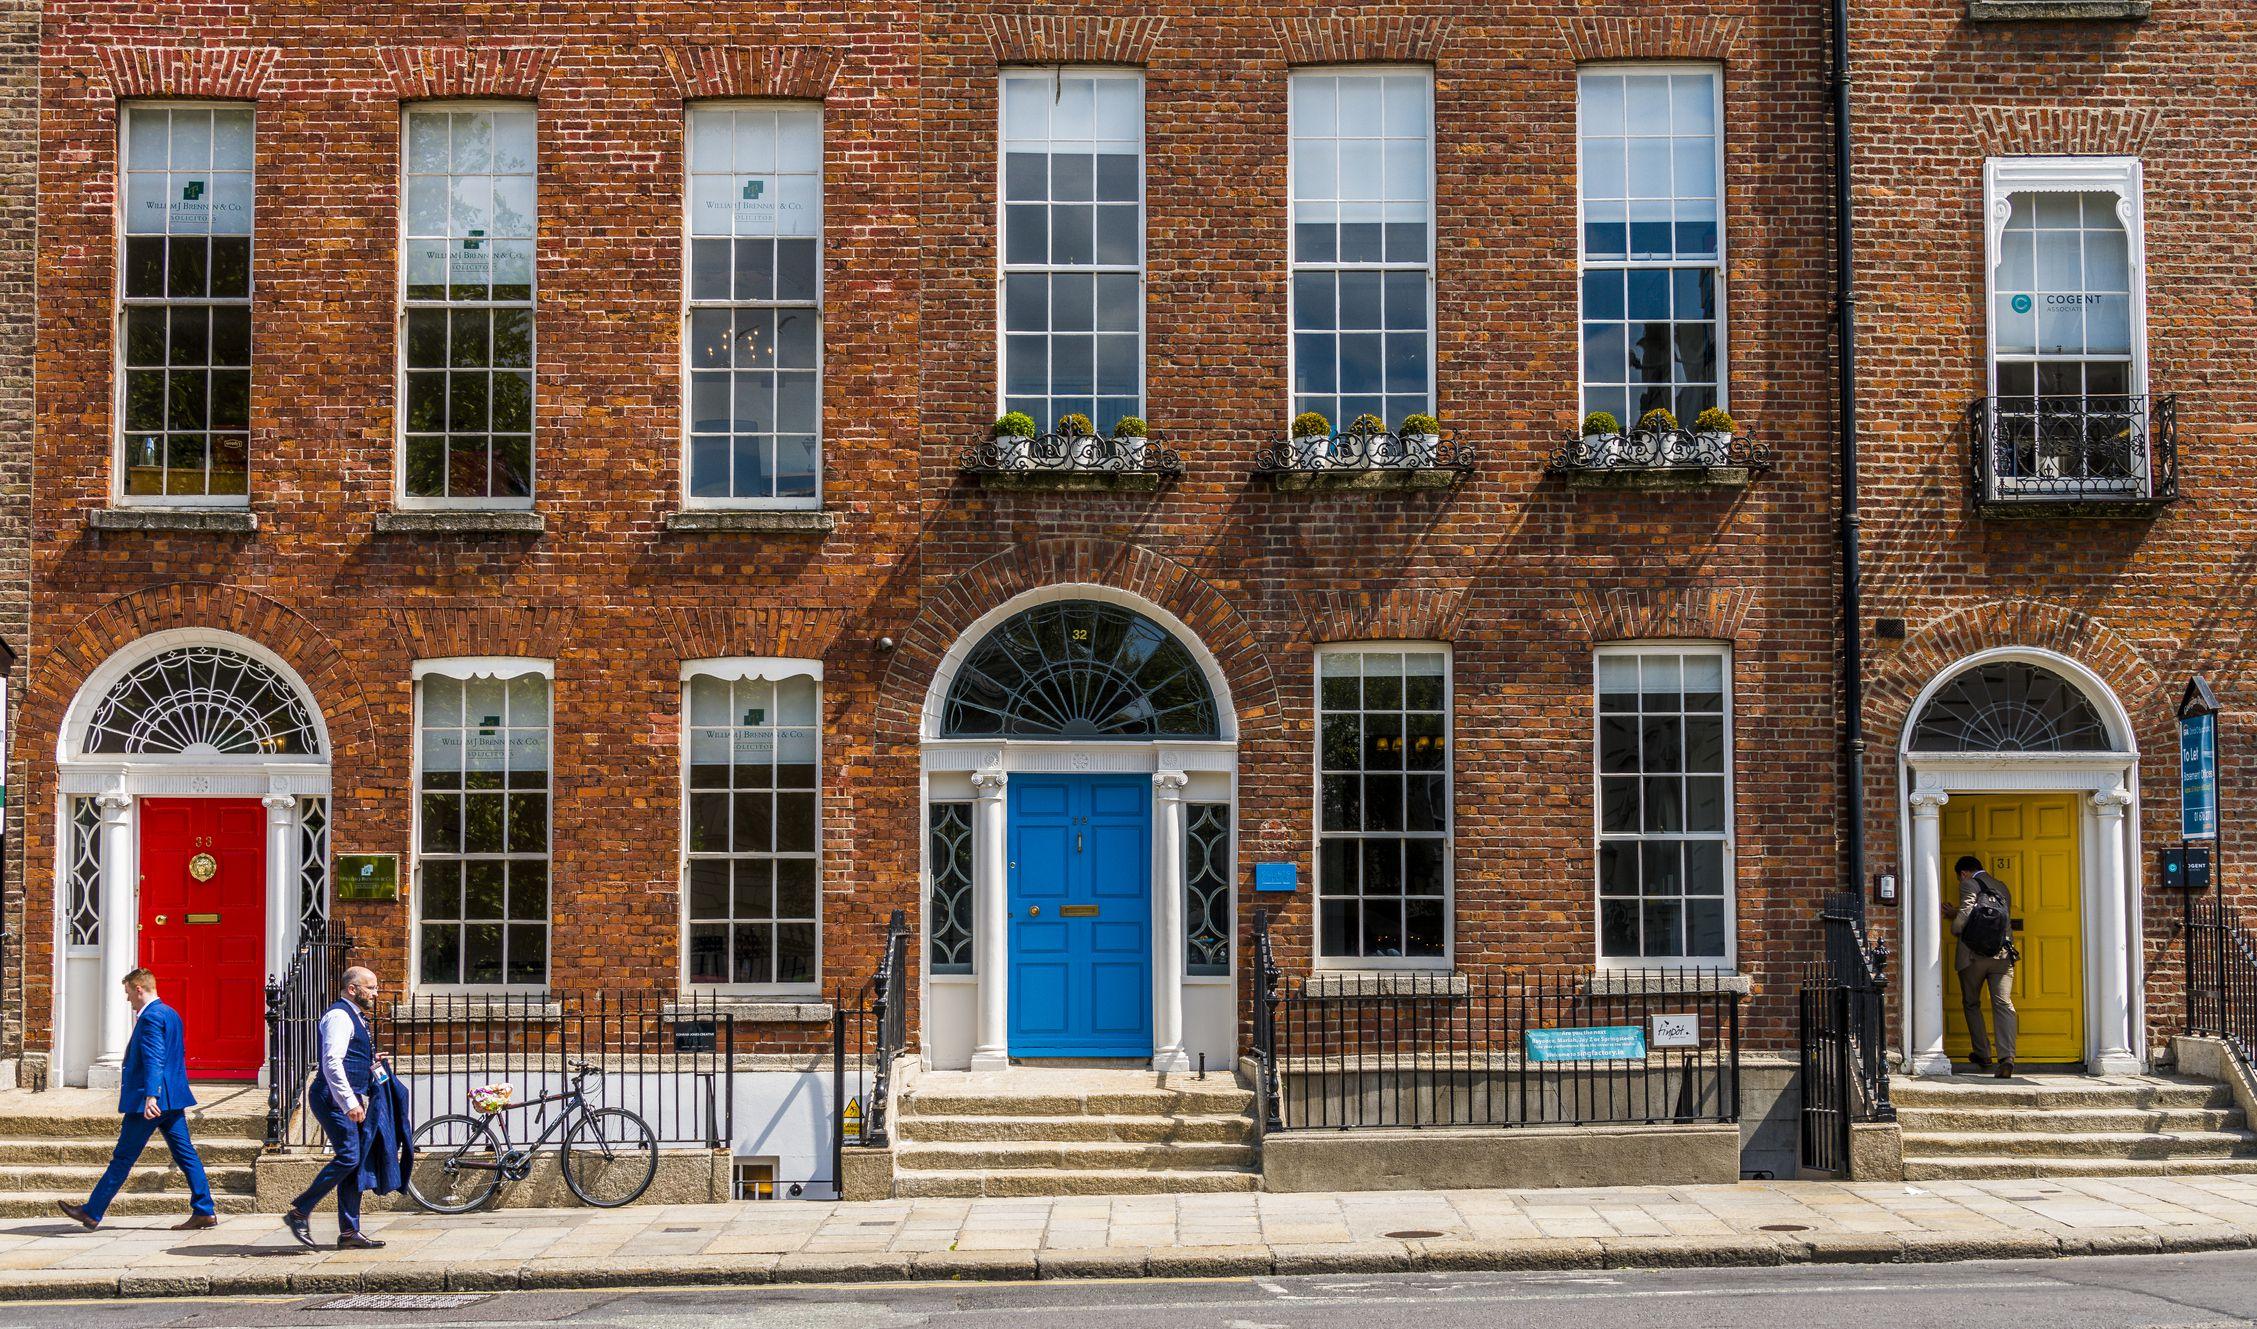 Las puertas de colores cerca de Merrion Square, Dublín